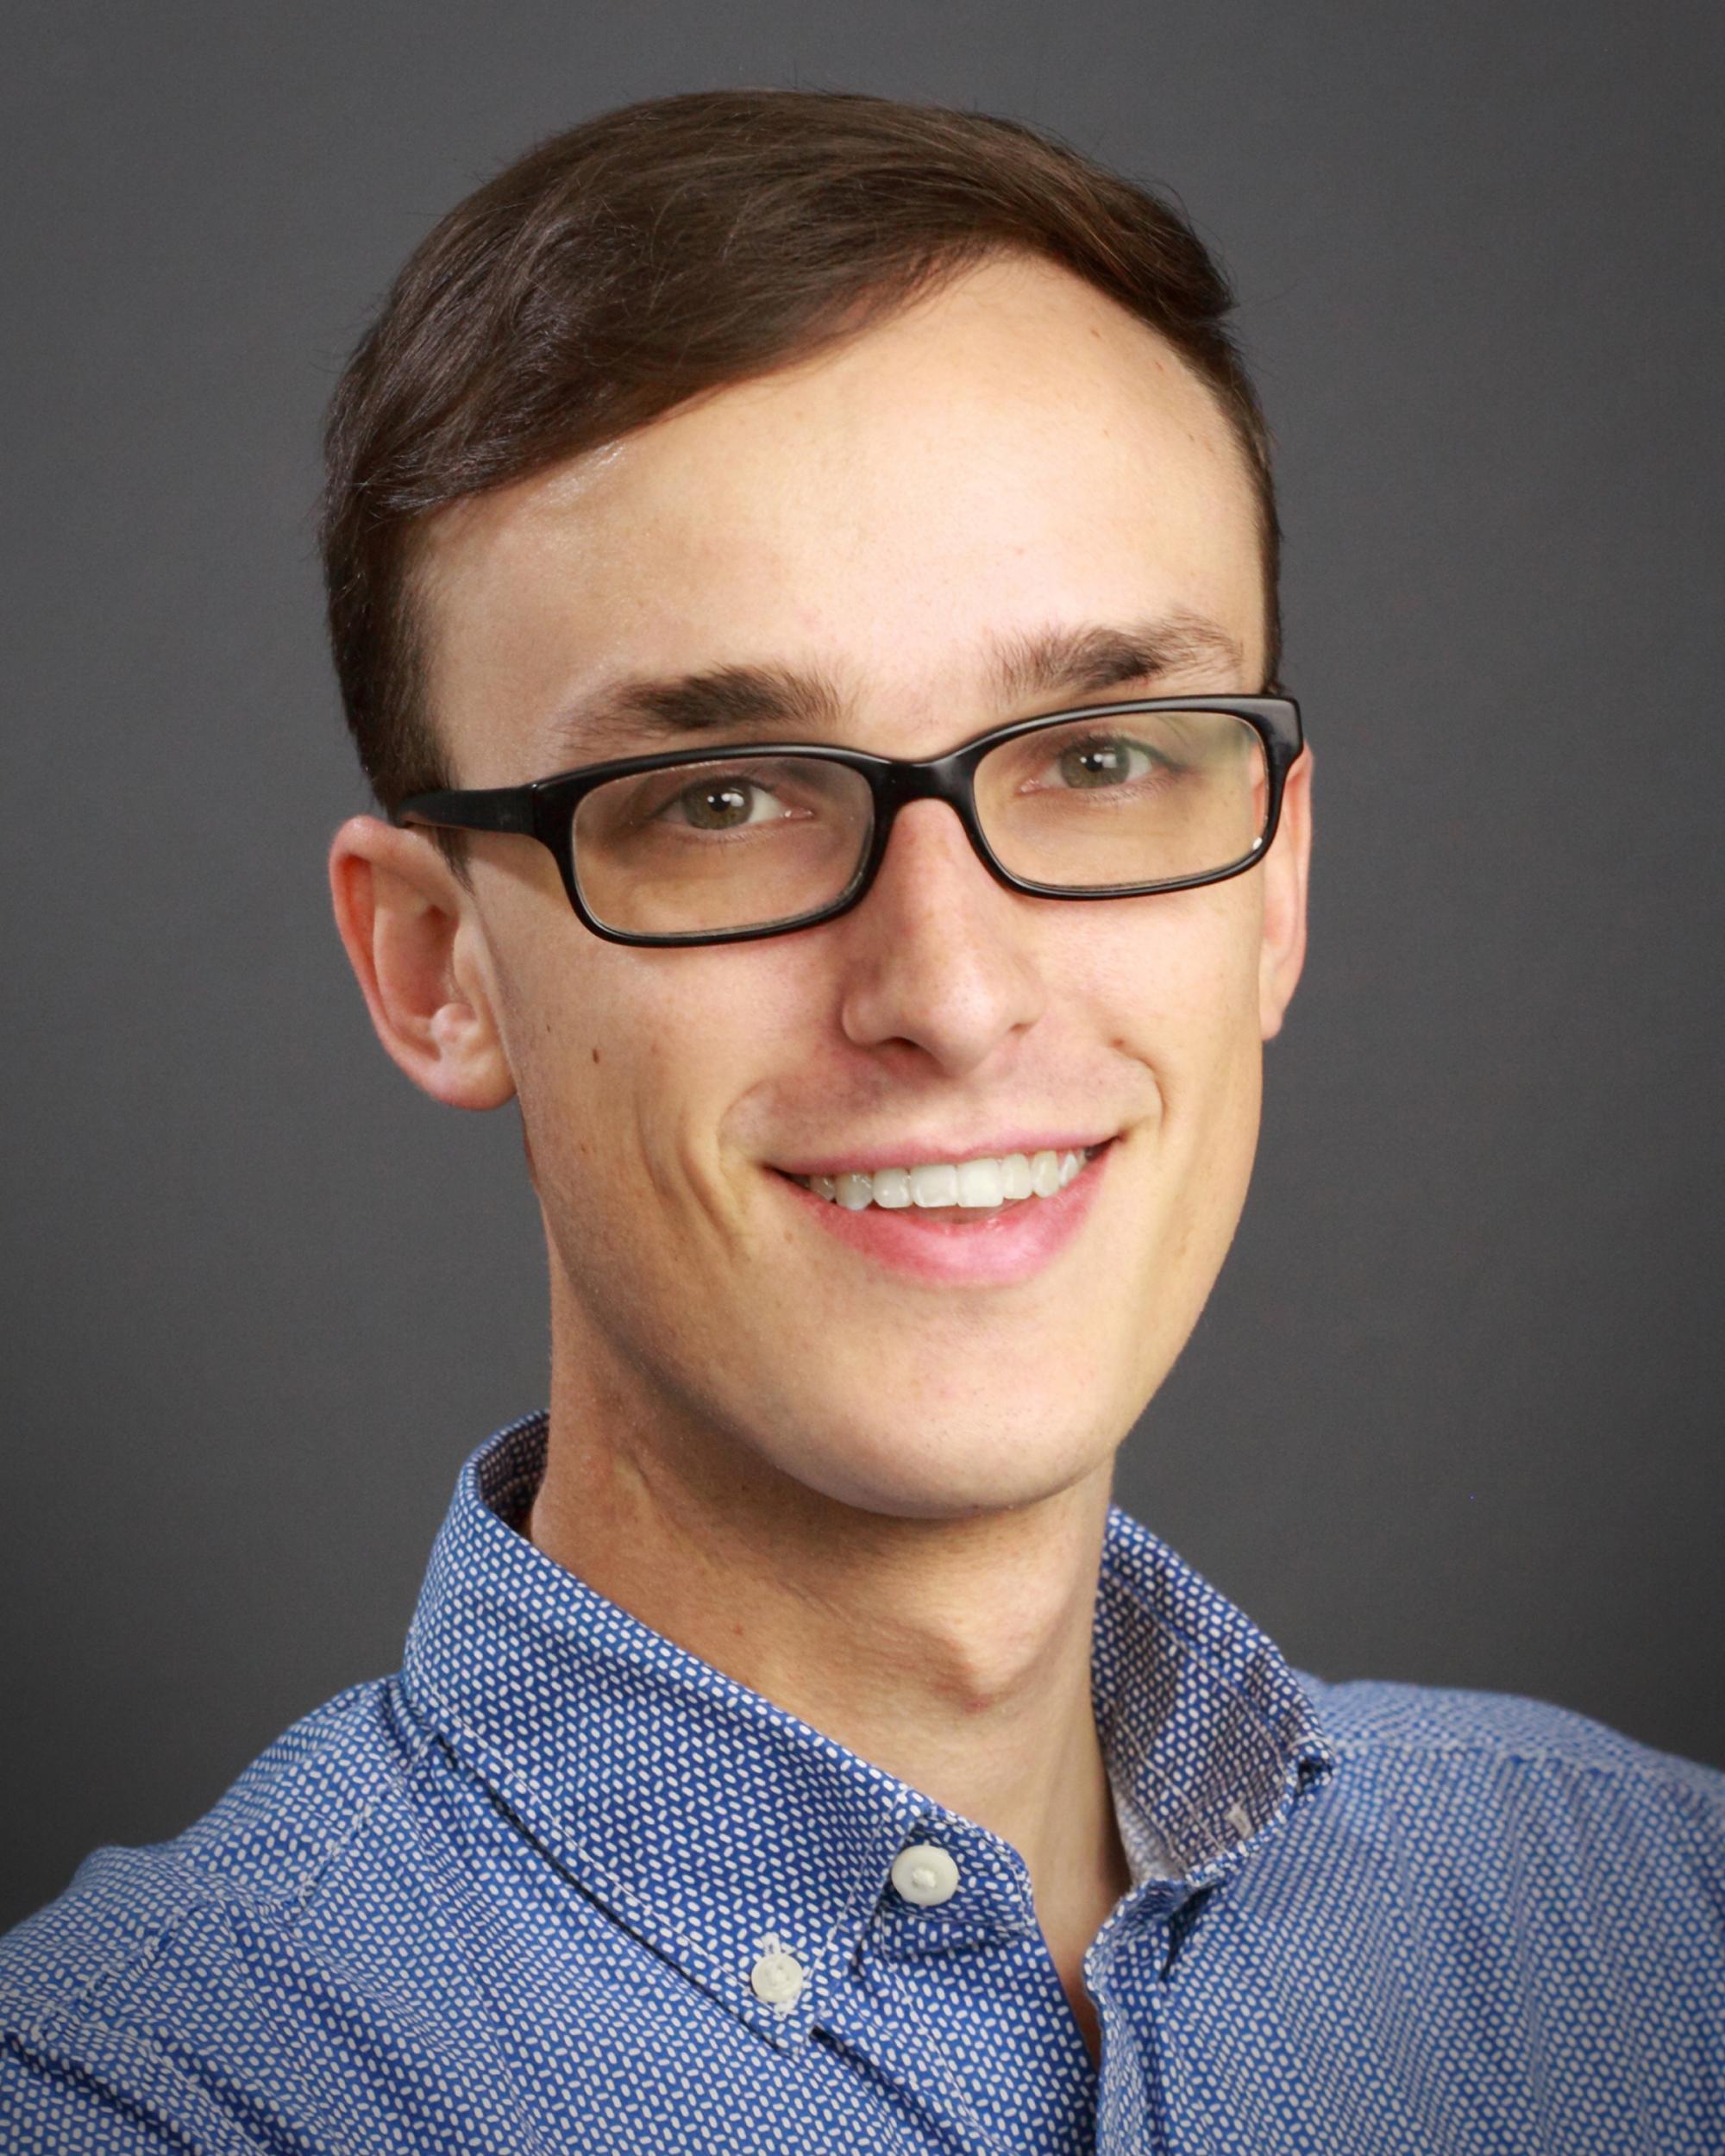 Daniel Horschler